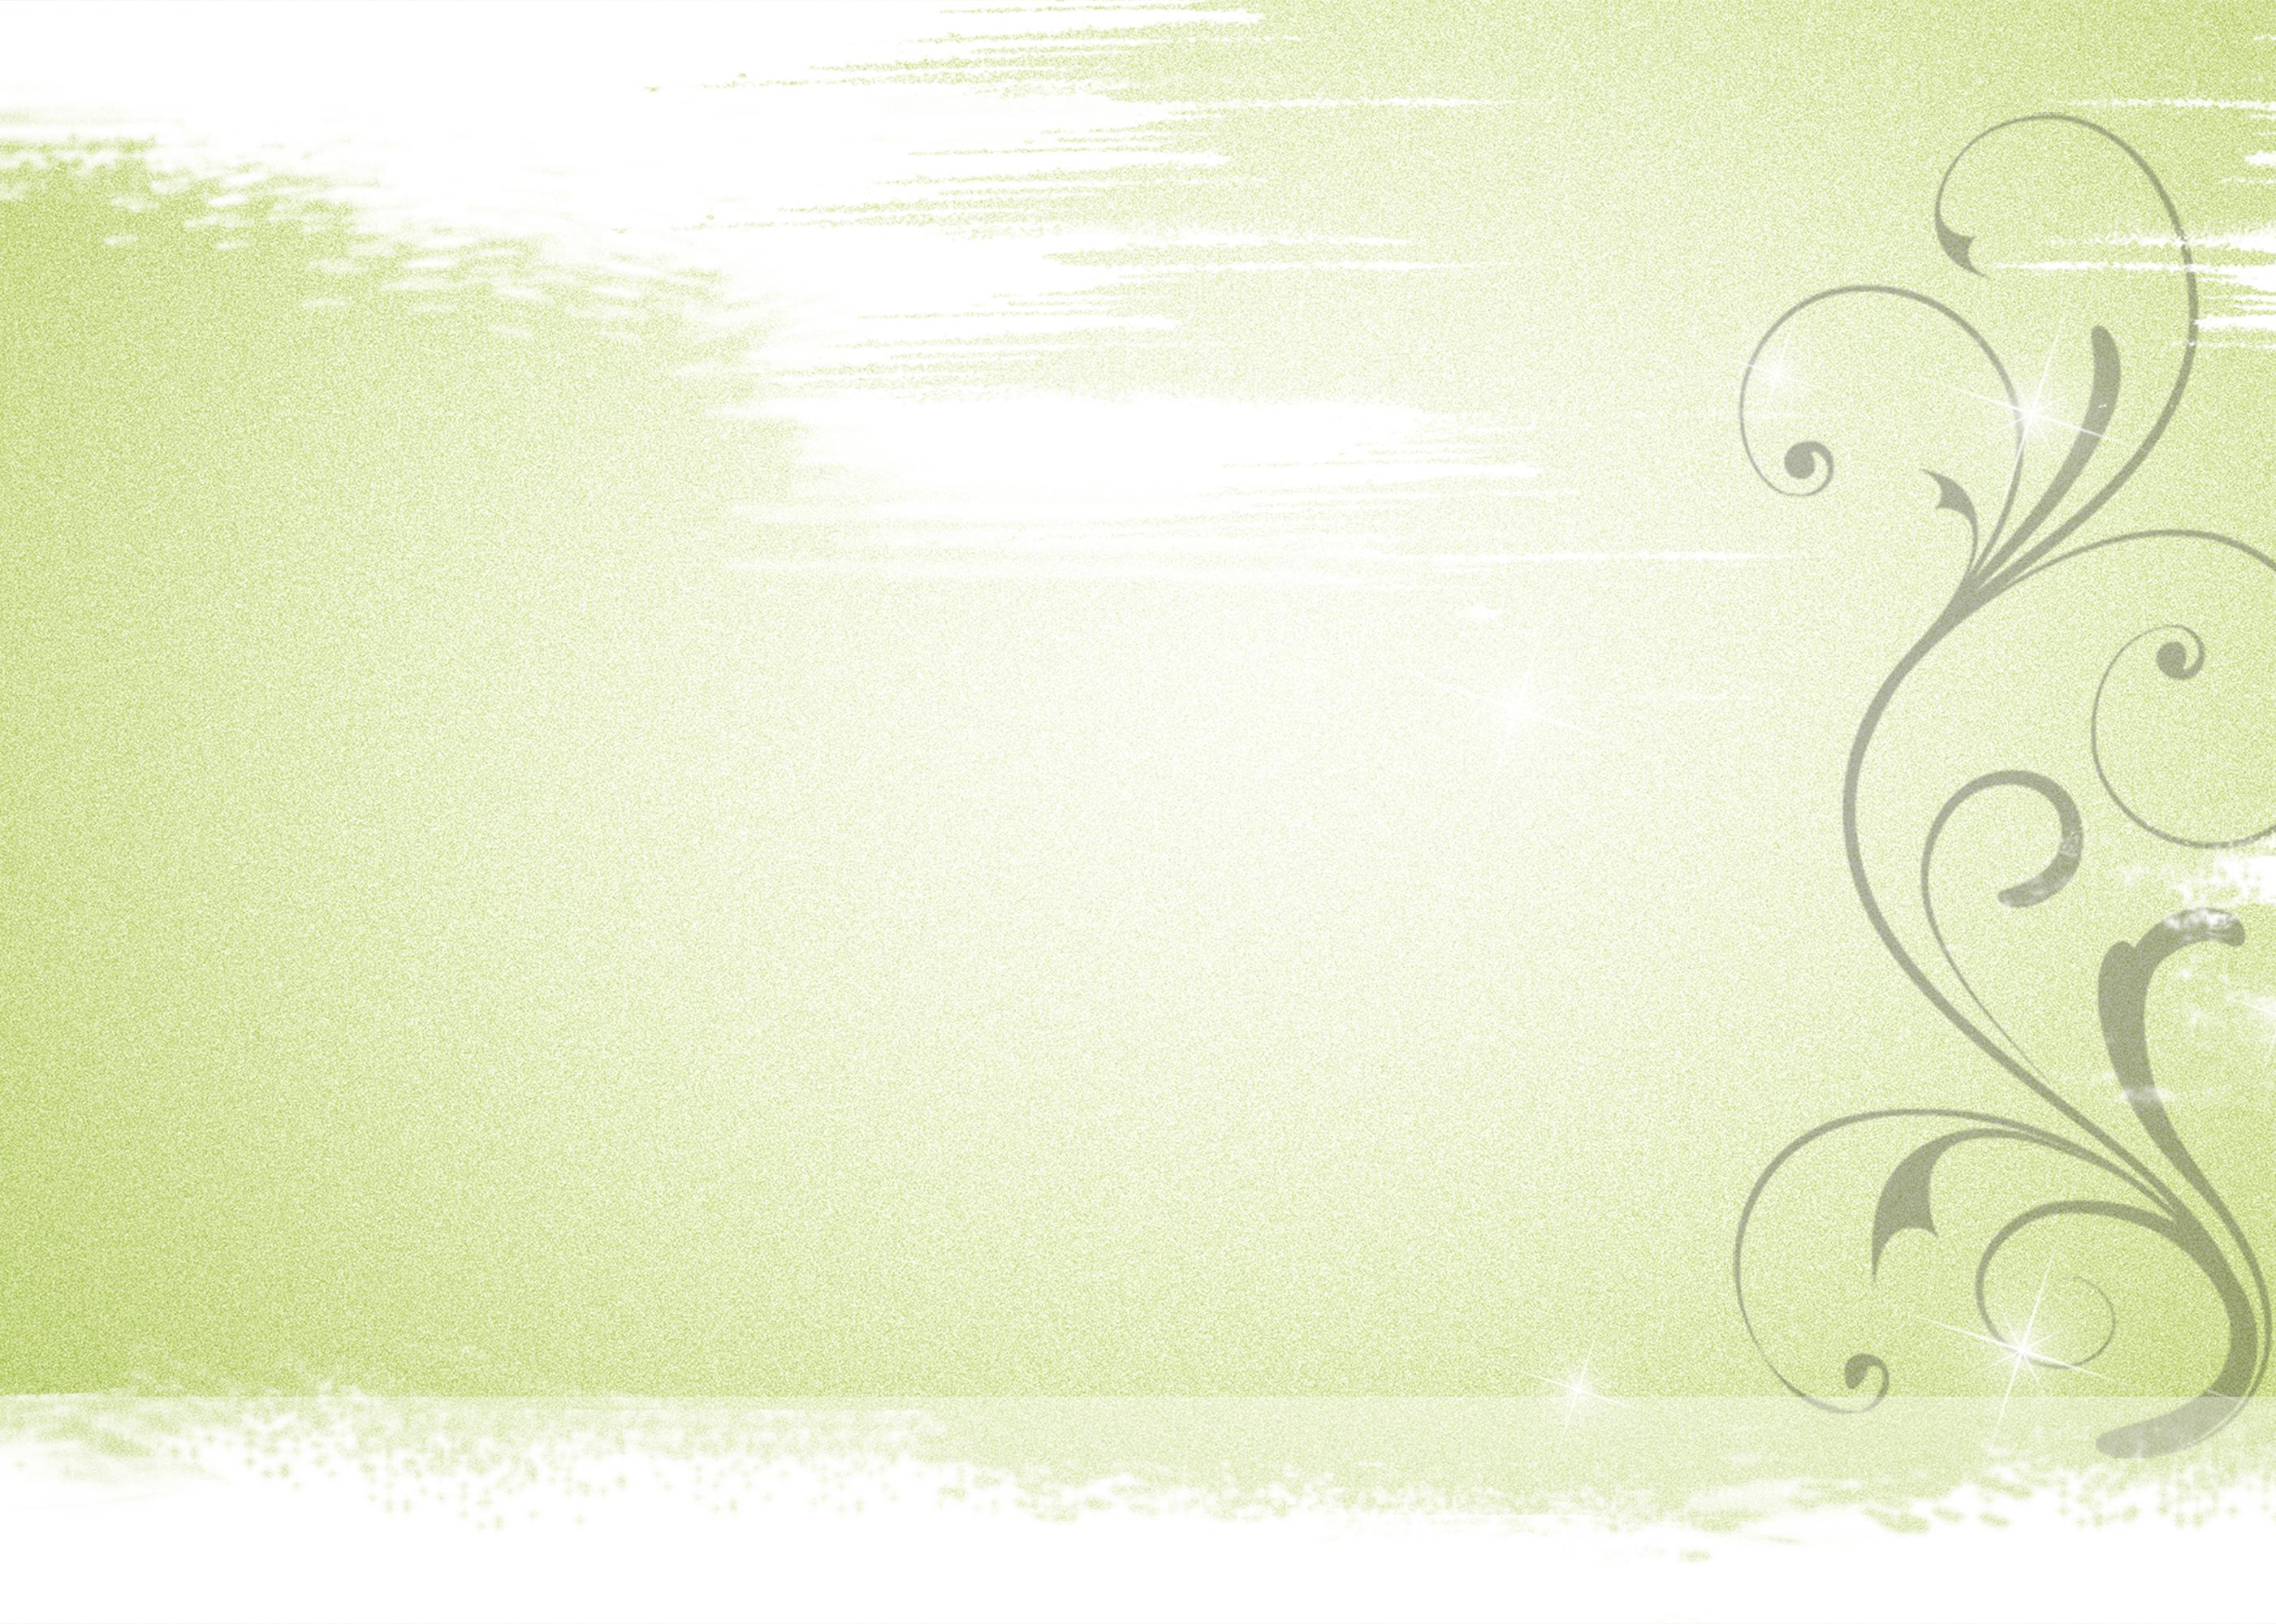 le mod u00e8le de motif vert frais calendrier affiche de fond